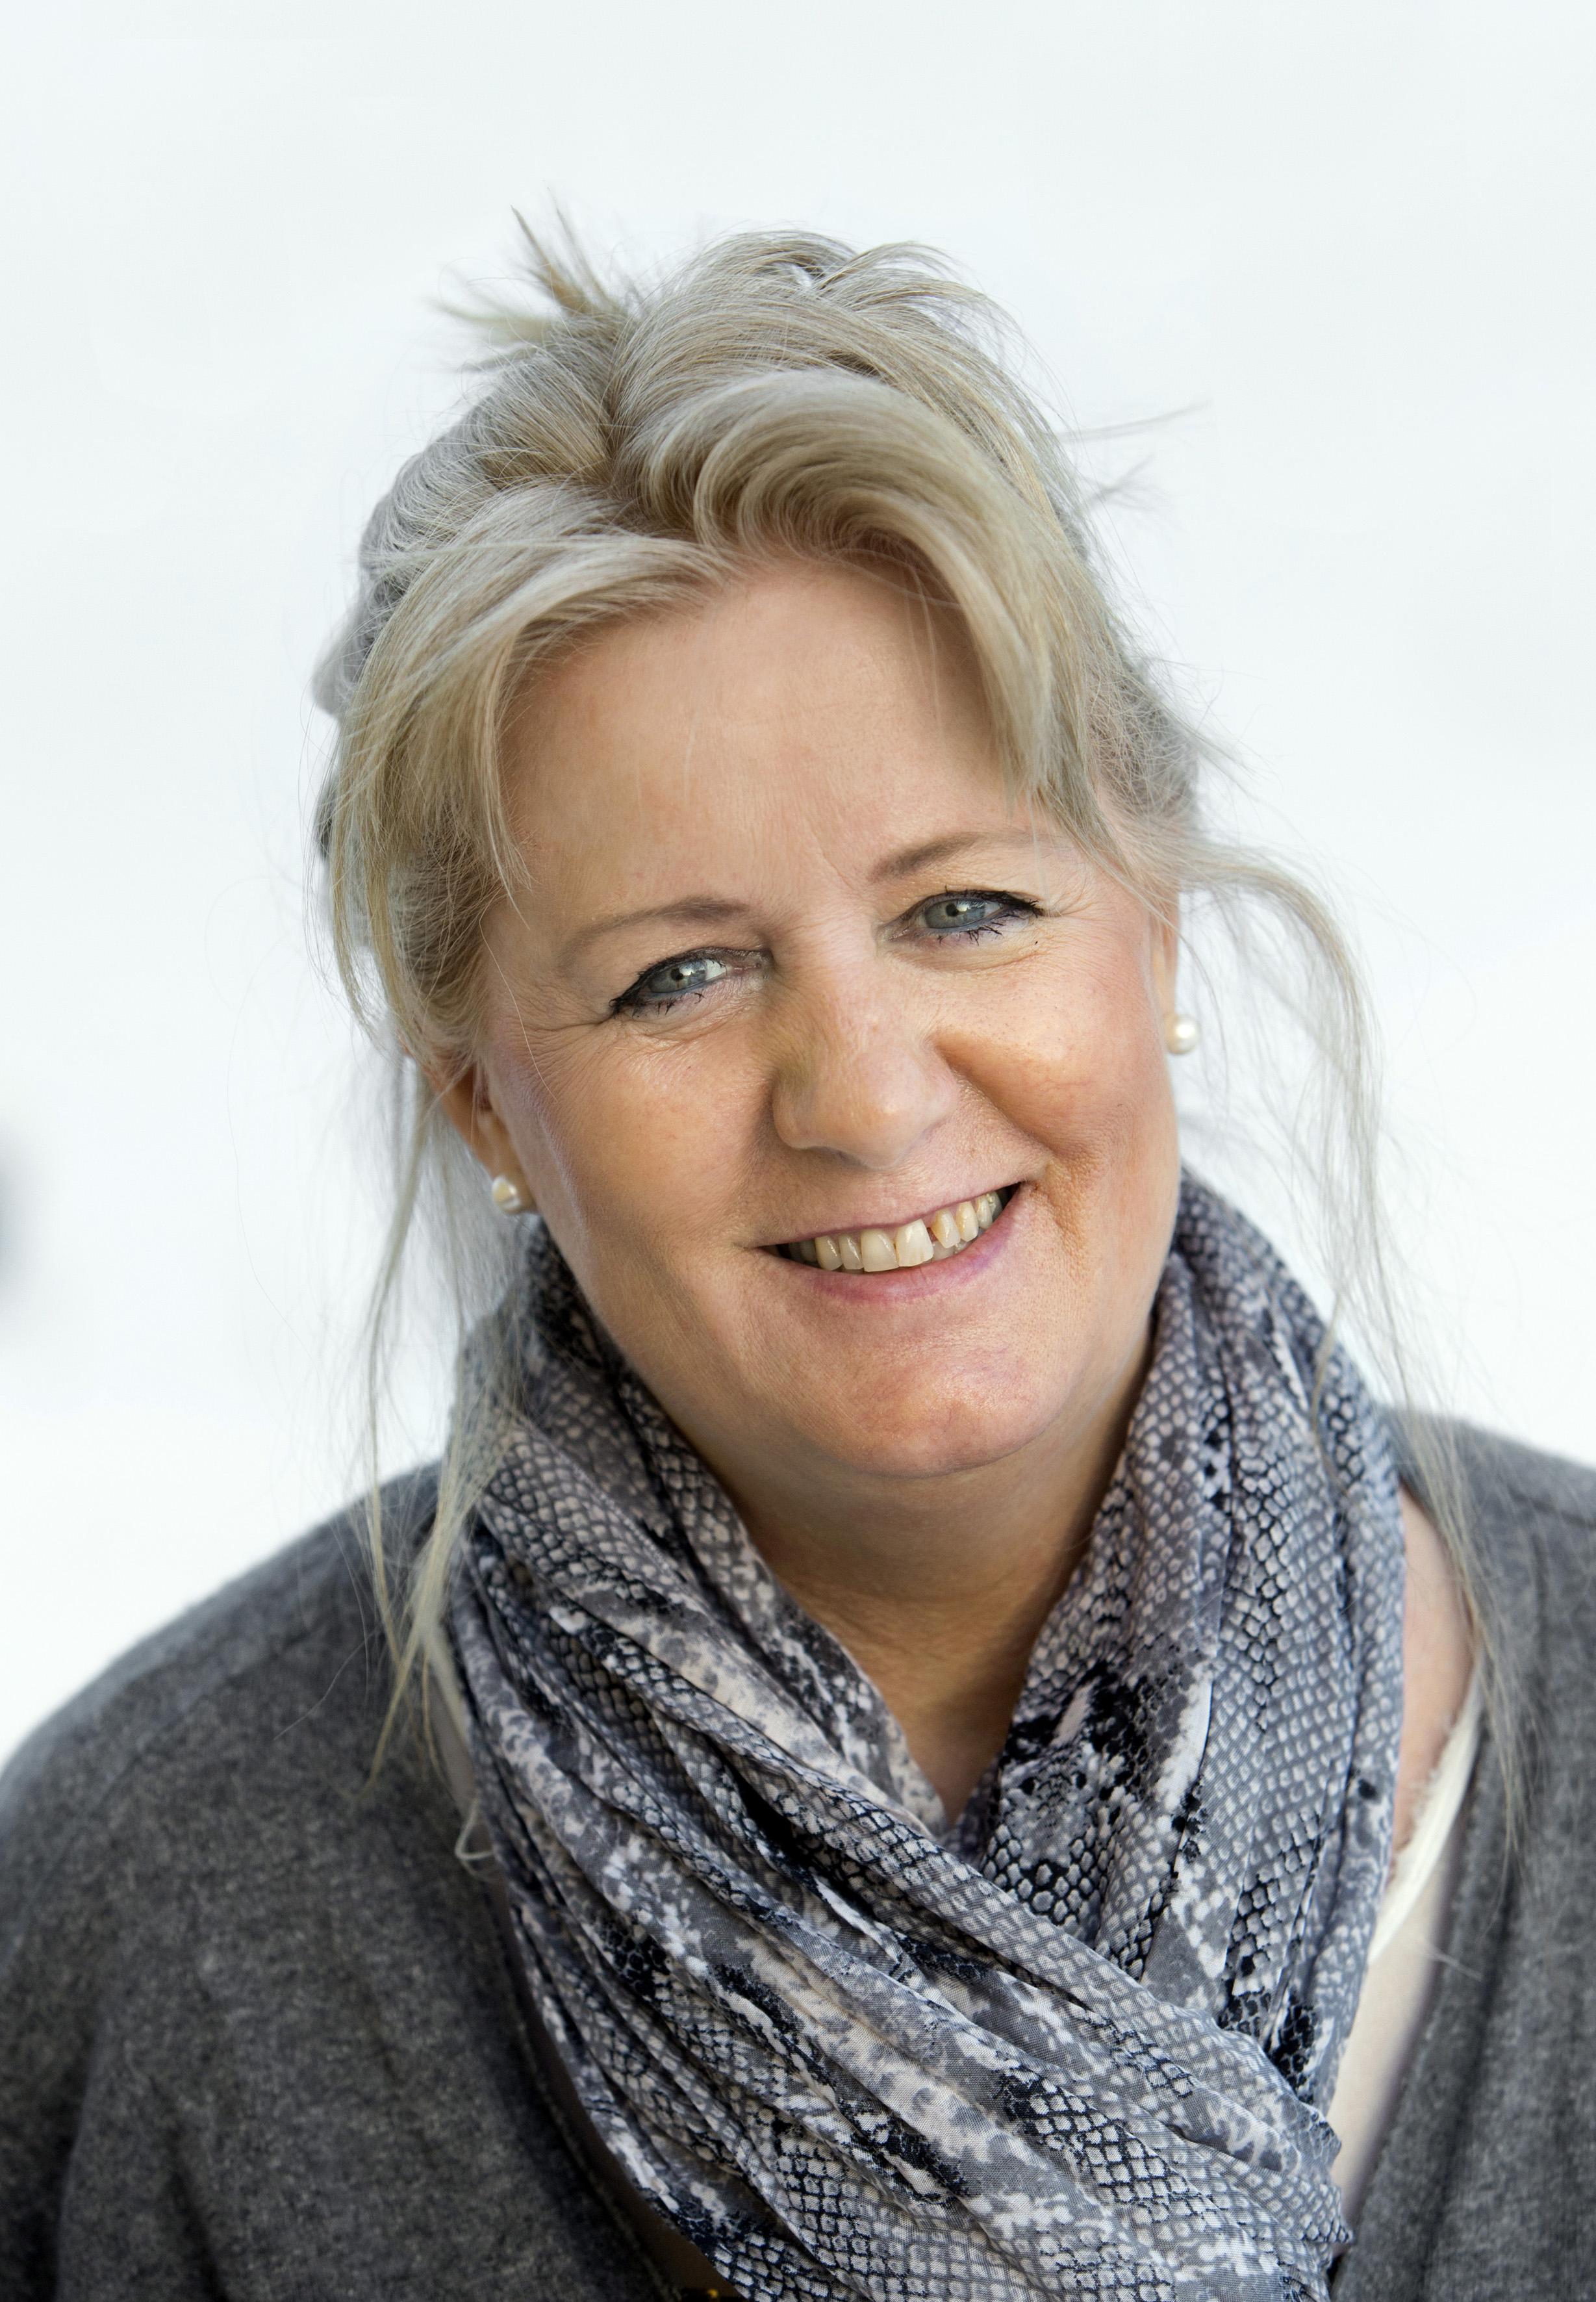 kvinna 50 år Carina Ikonen Nilsson – Malix.se kvinna 50 år